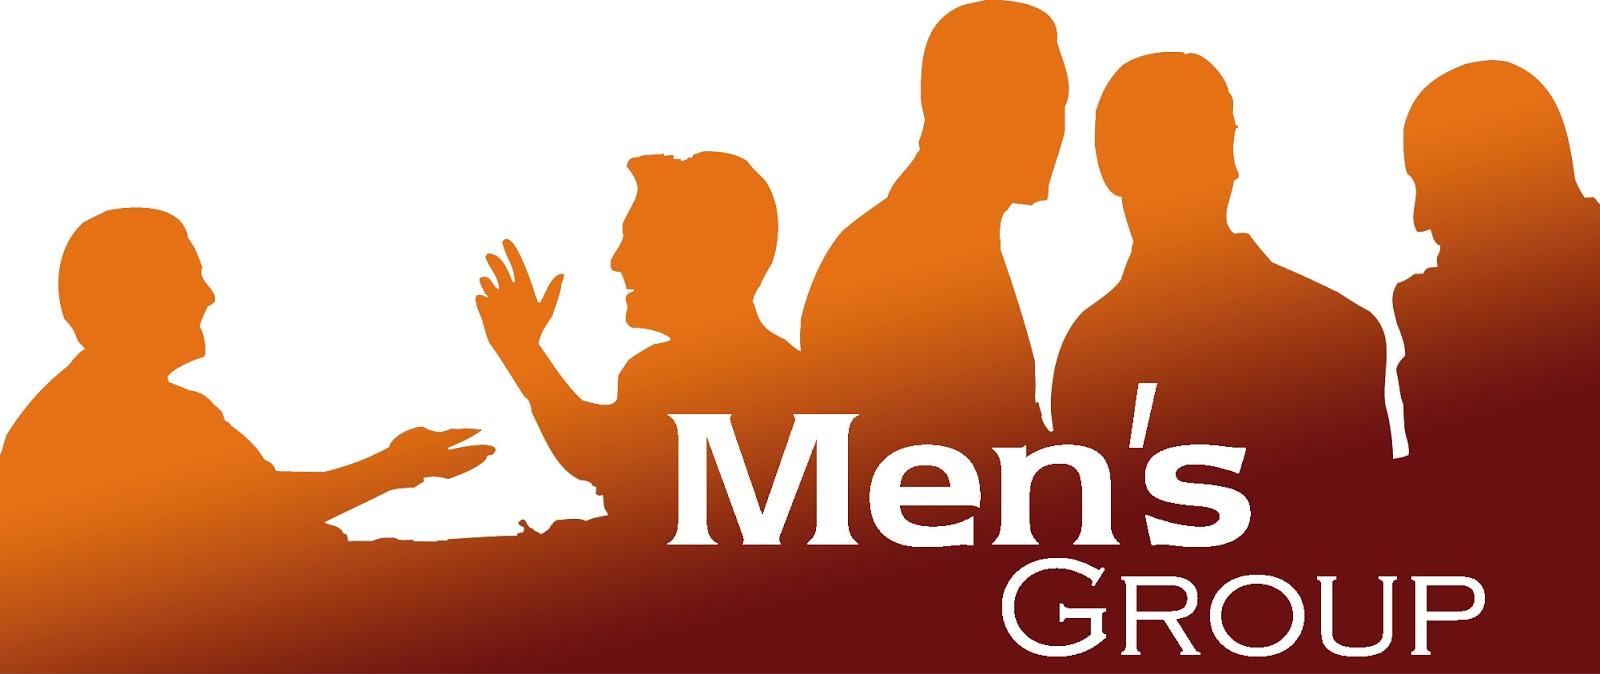 Online: Men's Group